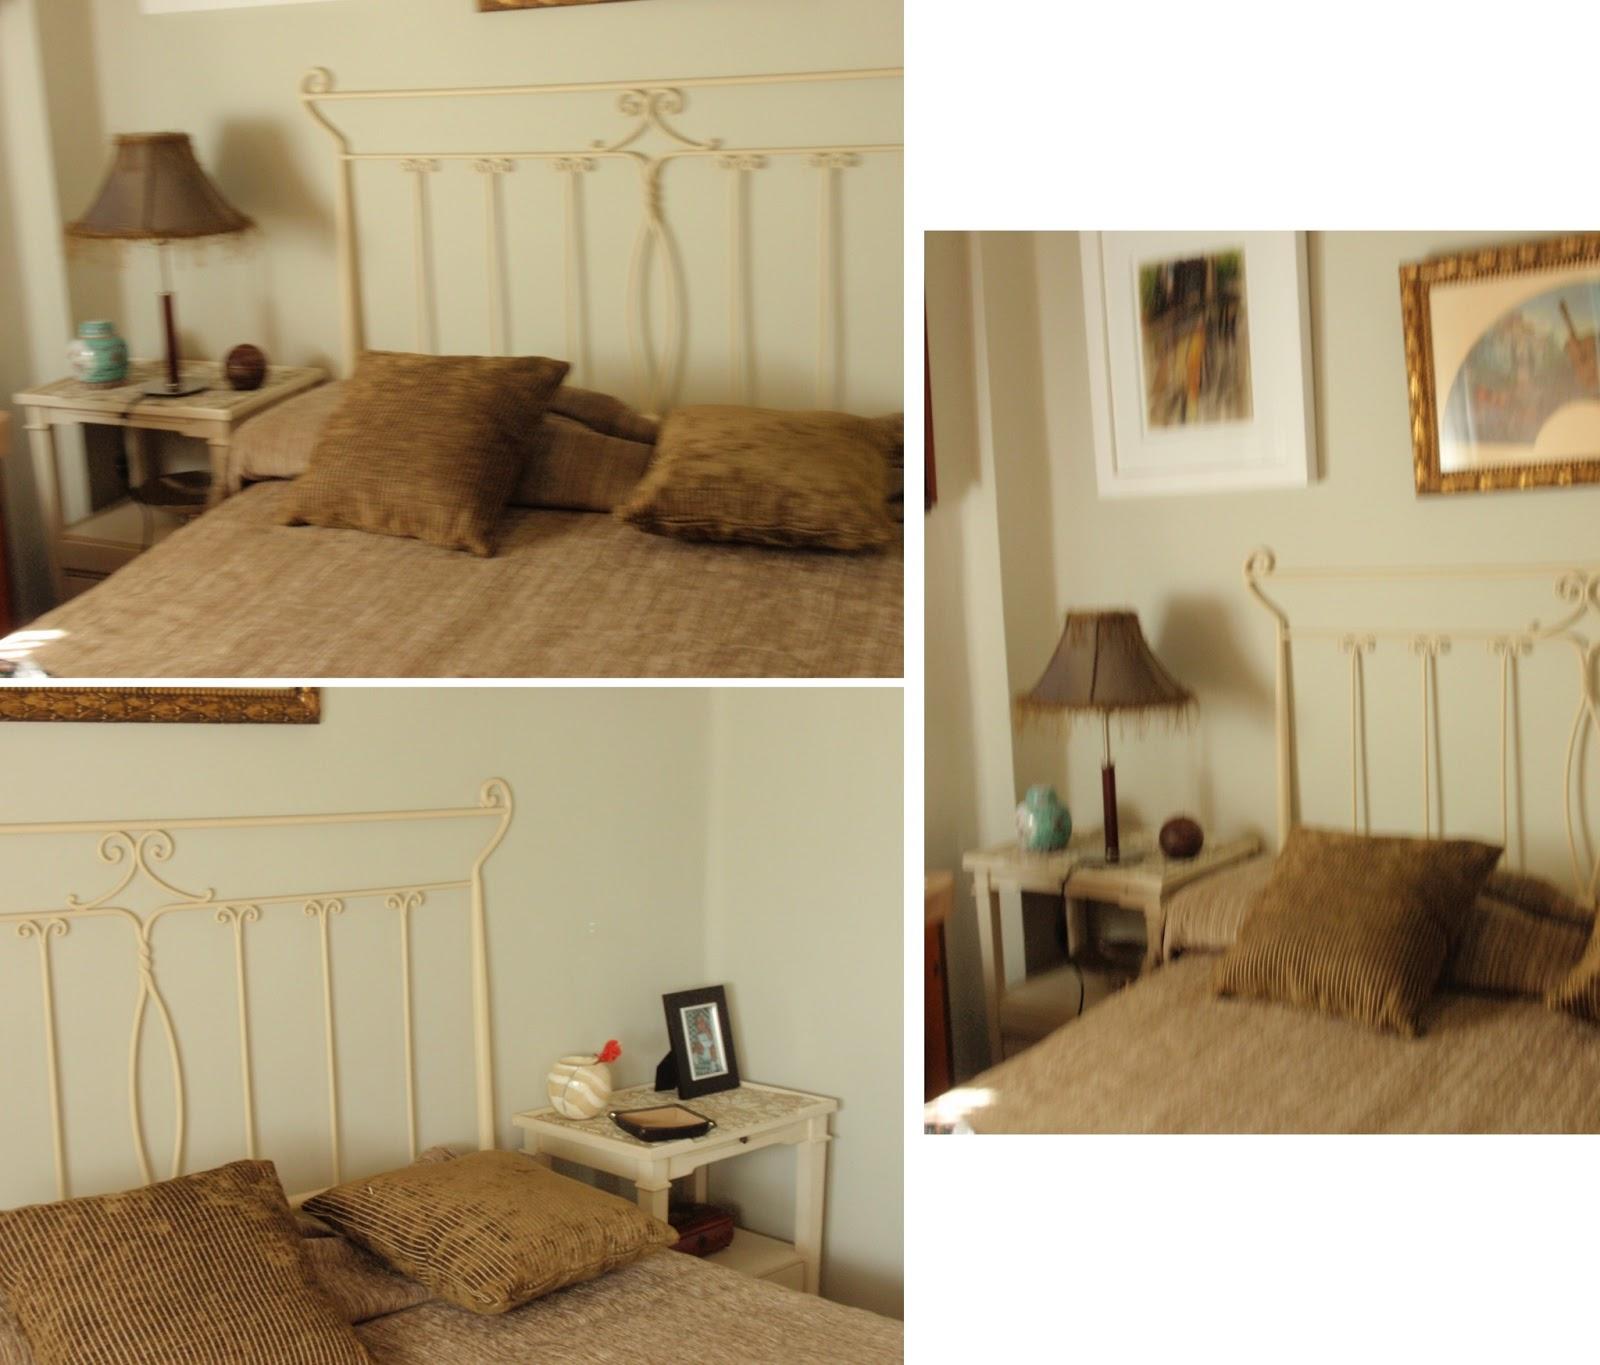 Planos low cost de dormitorio de invitados a estudio for Dormitorio invitados